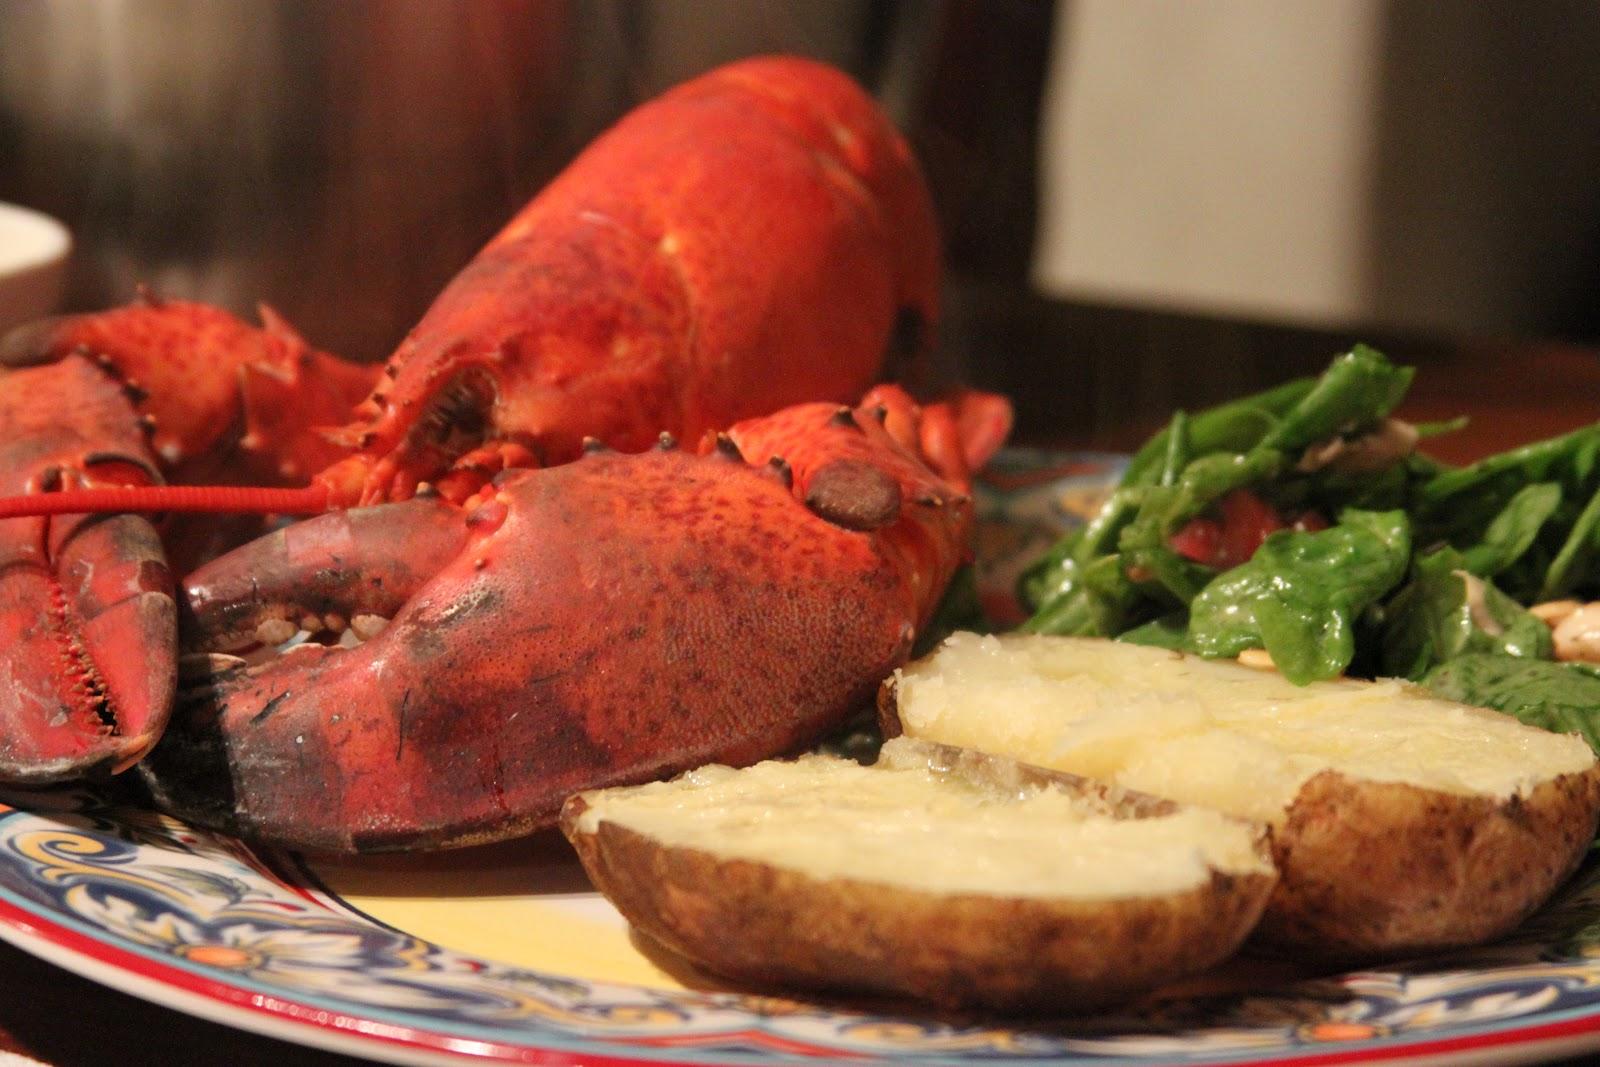 Everyday Foodie: Lobster Hot Tub